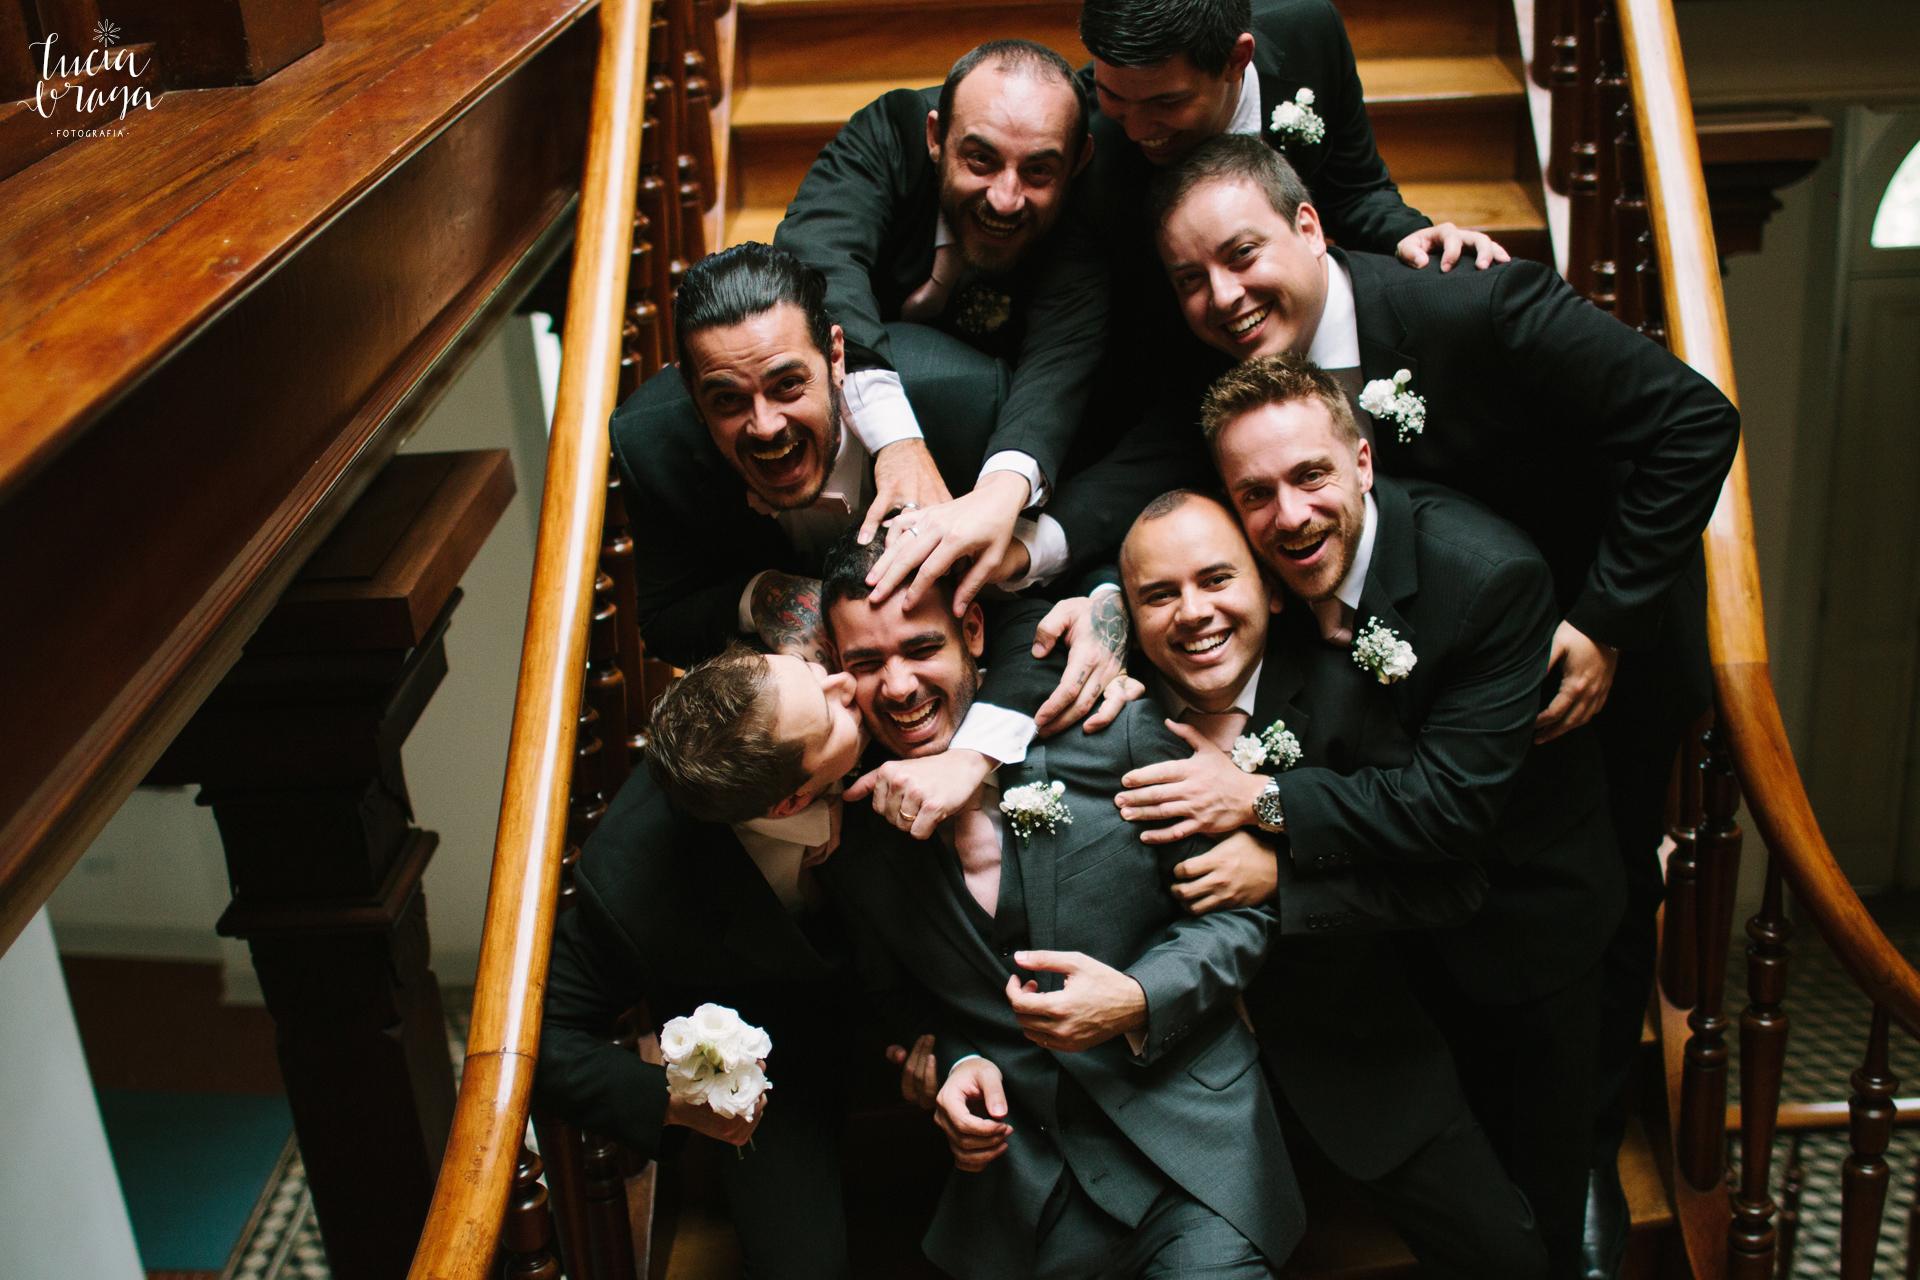 casamento campanha, colegio sion, capela sion, fotografo minas gerais, fotografo são paulo, fotografia de casamento, casamento de dia, mini wedding, padrinhos